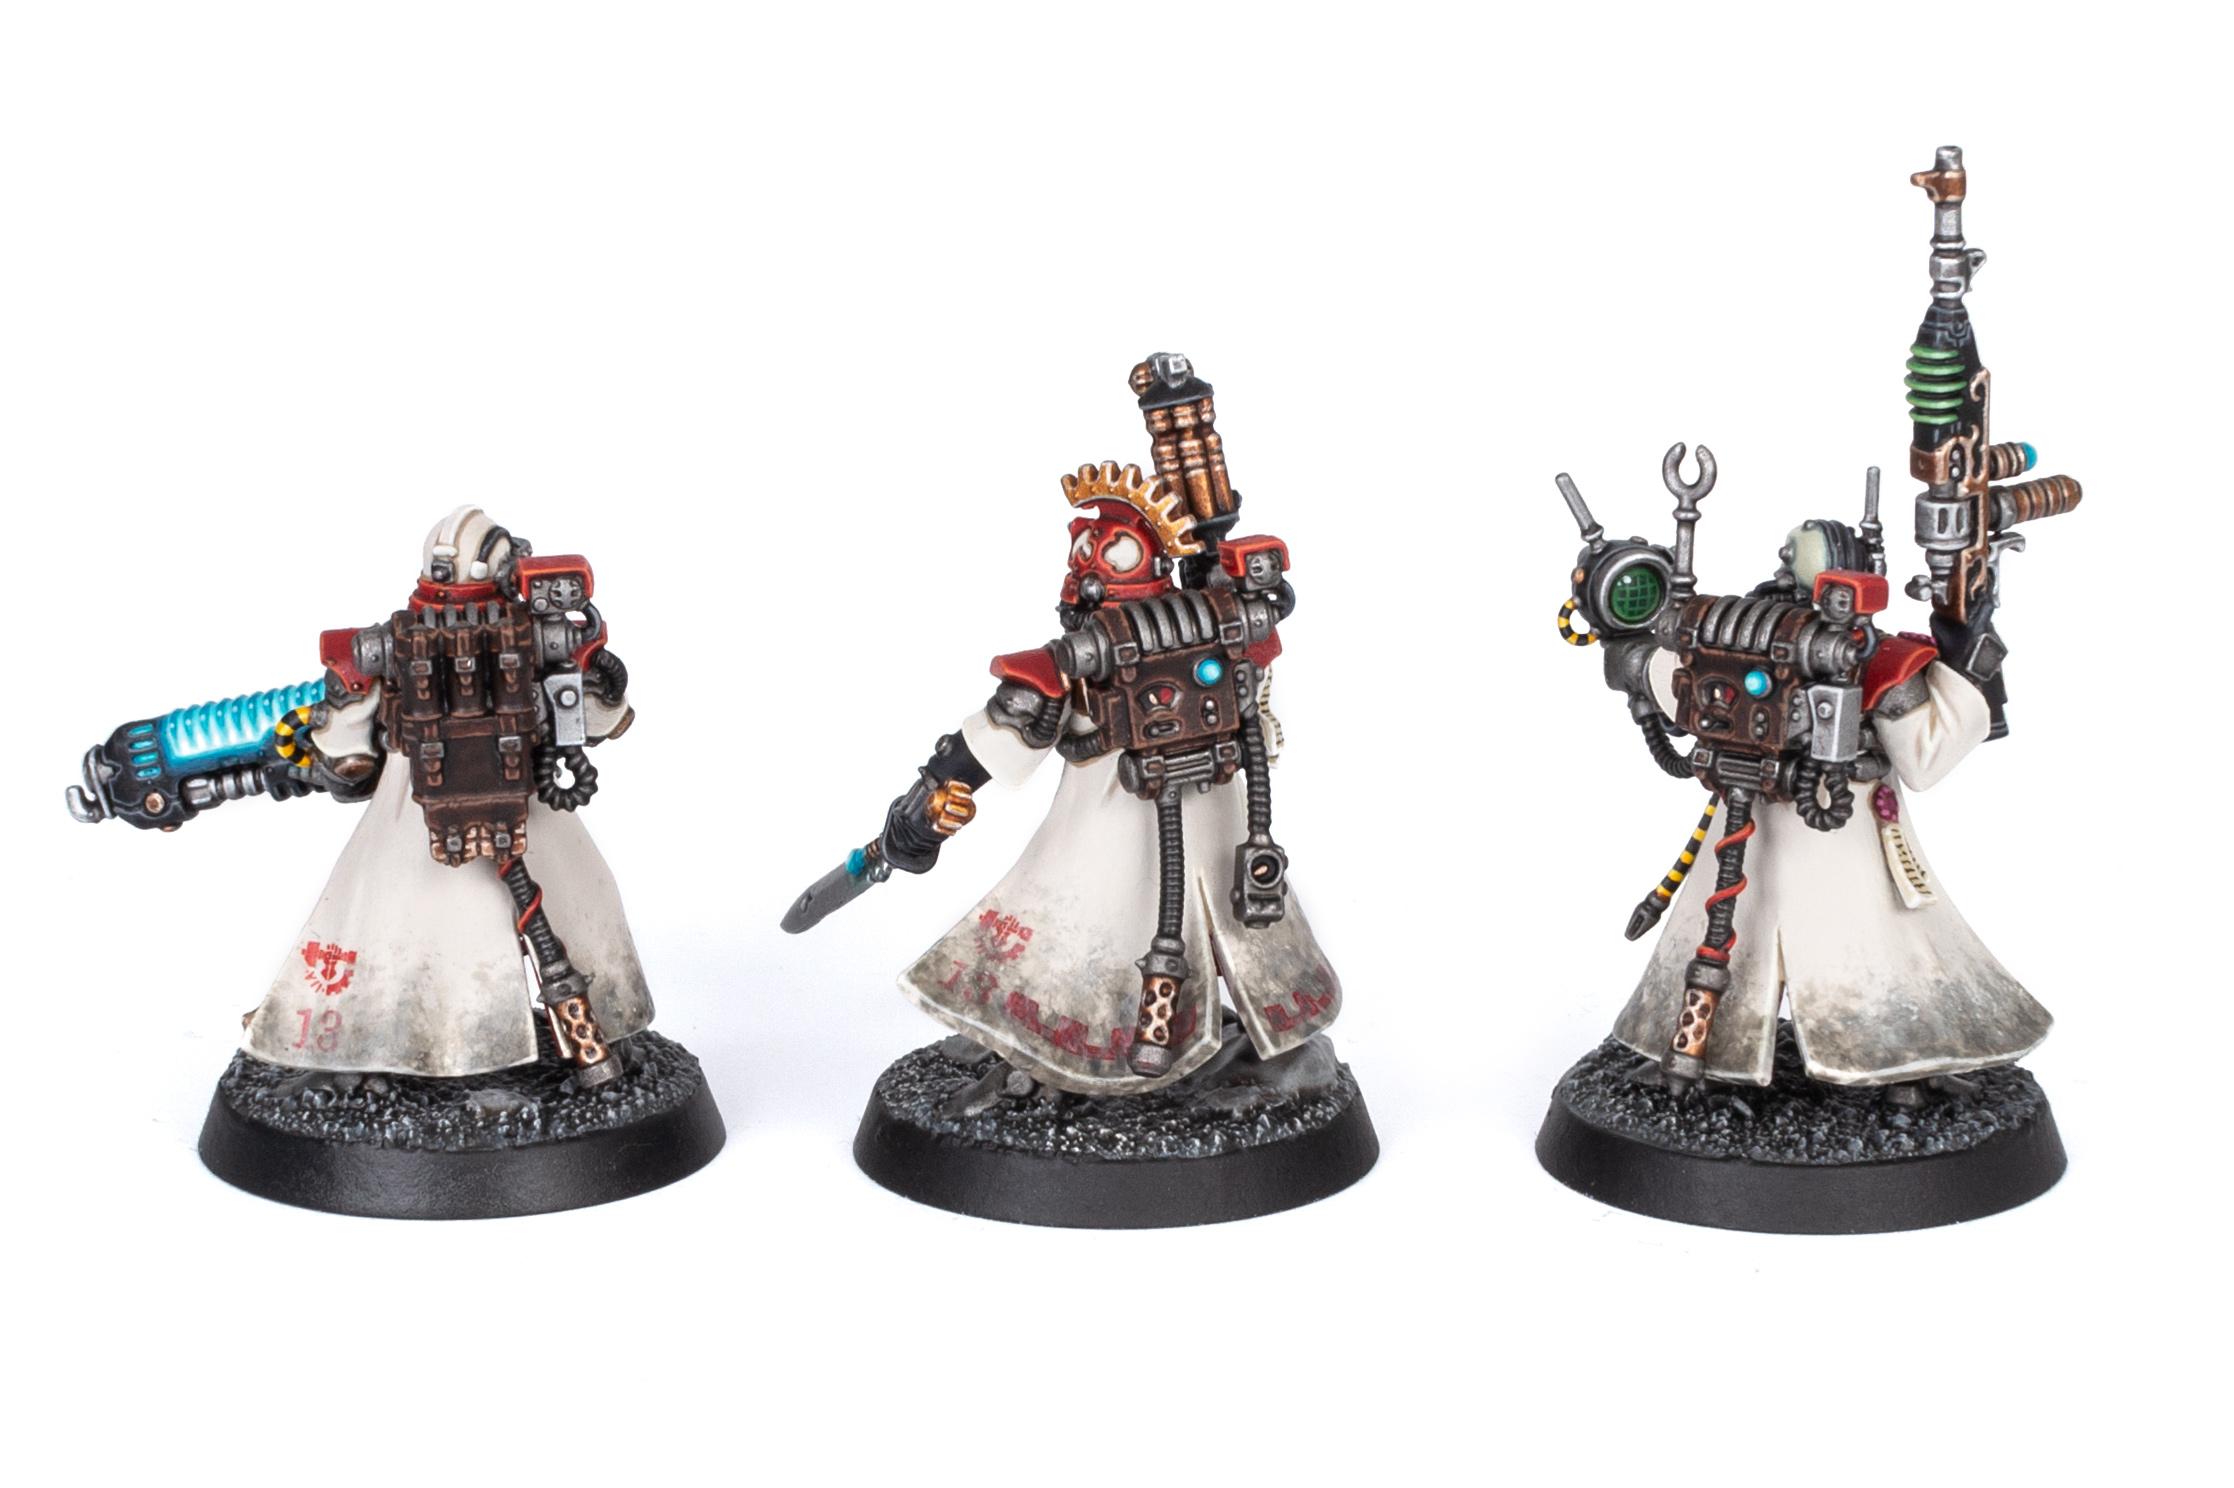 Adeptus Mechanicus Kill Team Skitarii Vanguard back